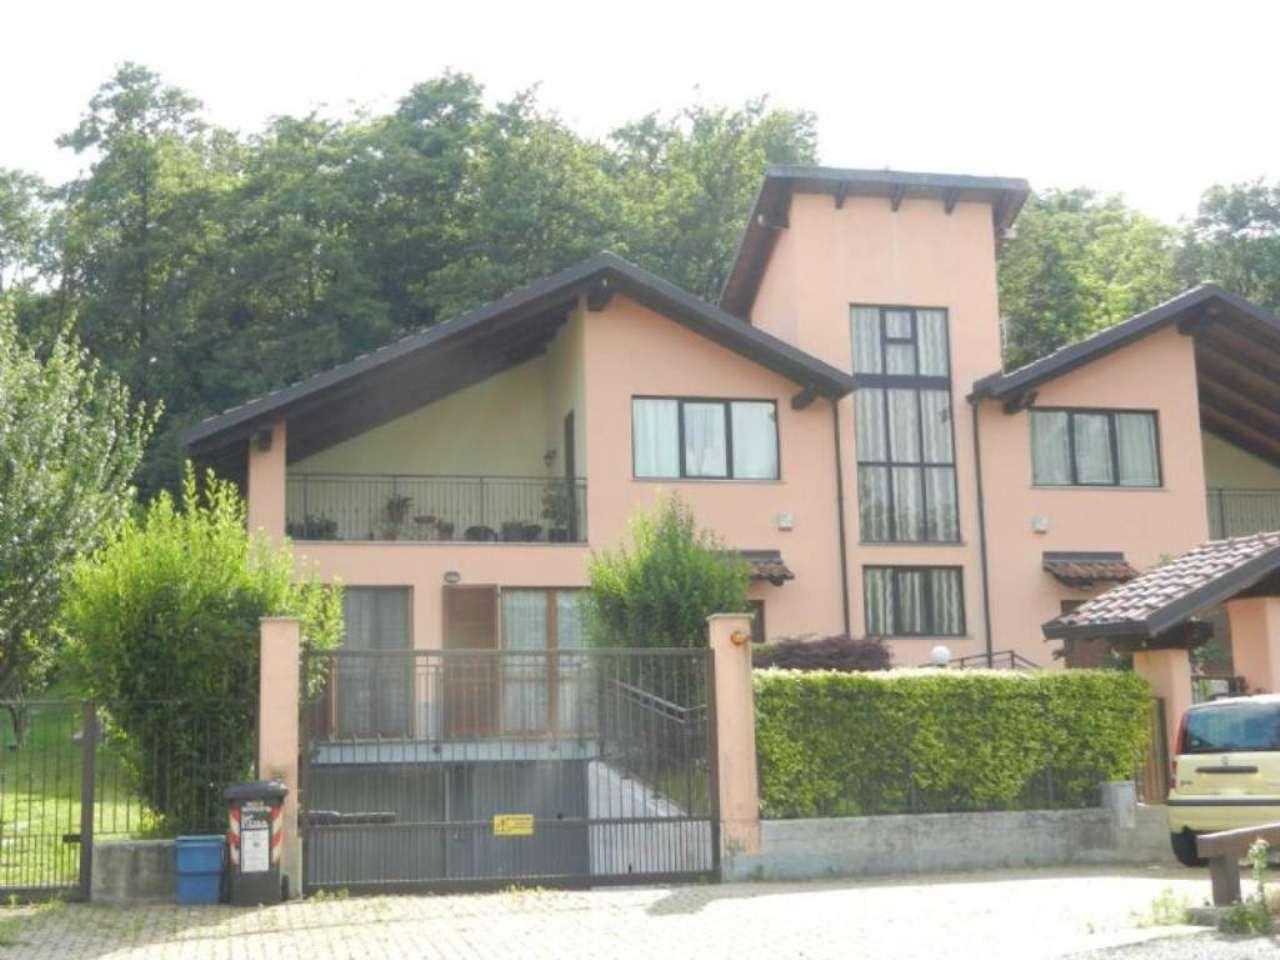 Villa Bifamiliare in vendita a Cafasse, 7 locali, prezzo € 300.000 | Cambio Casa.it